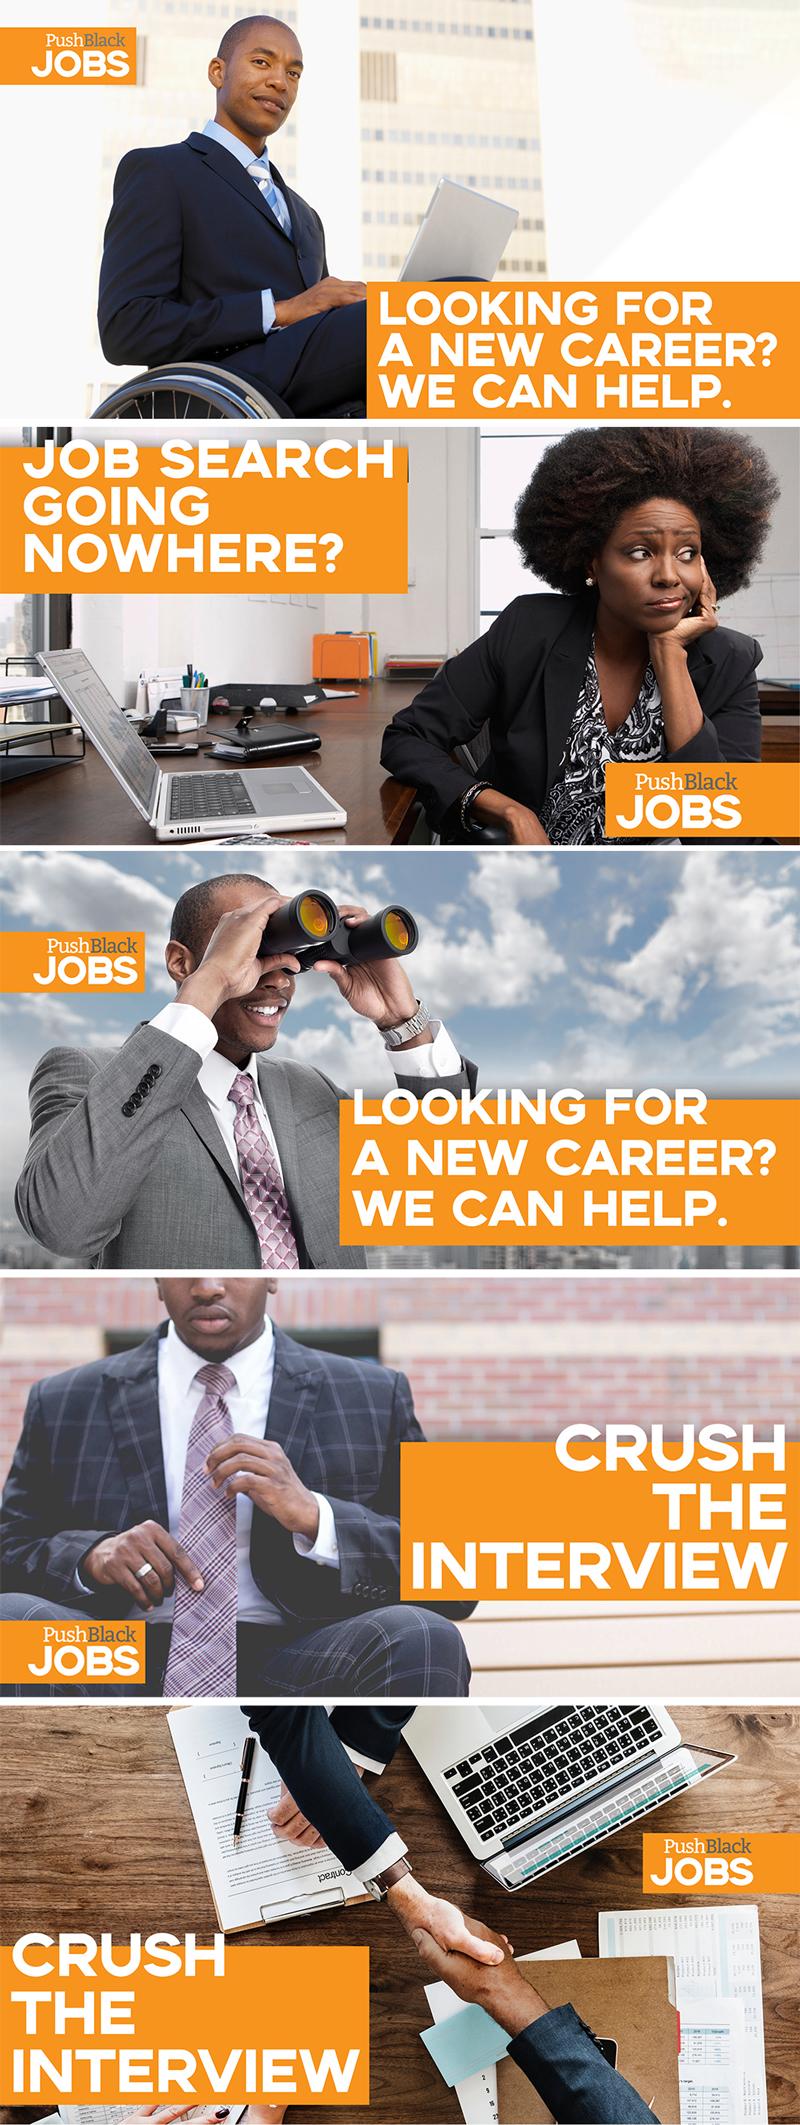 jobs-campaign.jpg